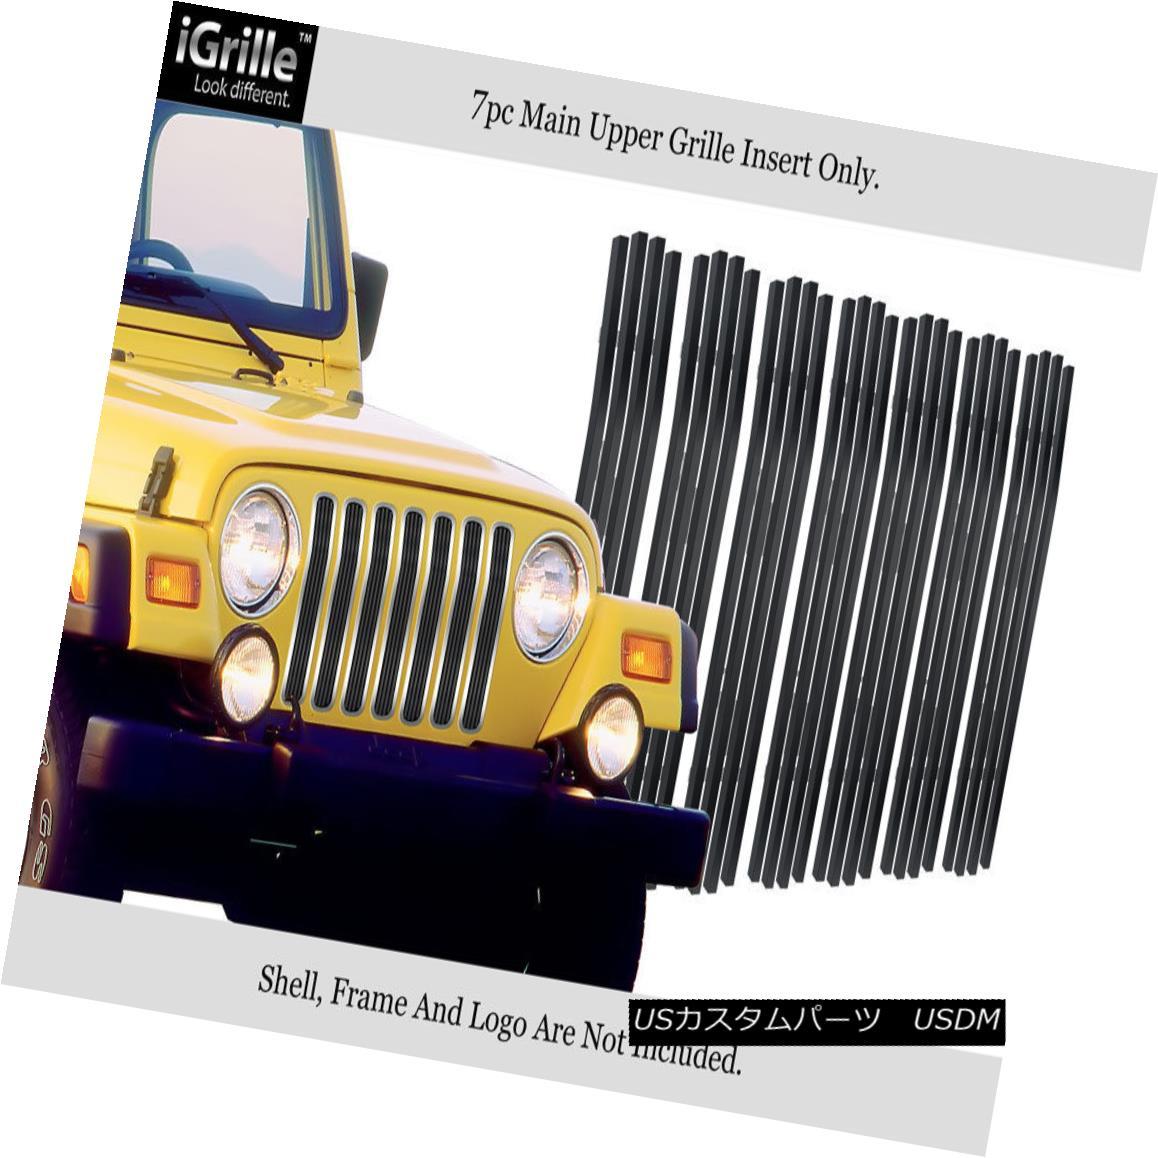 グリル Fits 97-06 Jeep Wrangler Vertical Black Stainless Steel Billet Grille Insert フィット97-06ジープラングラー垂直黒ステンレス鋼ビレットグリルインサート